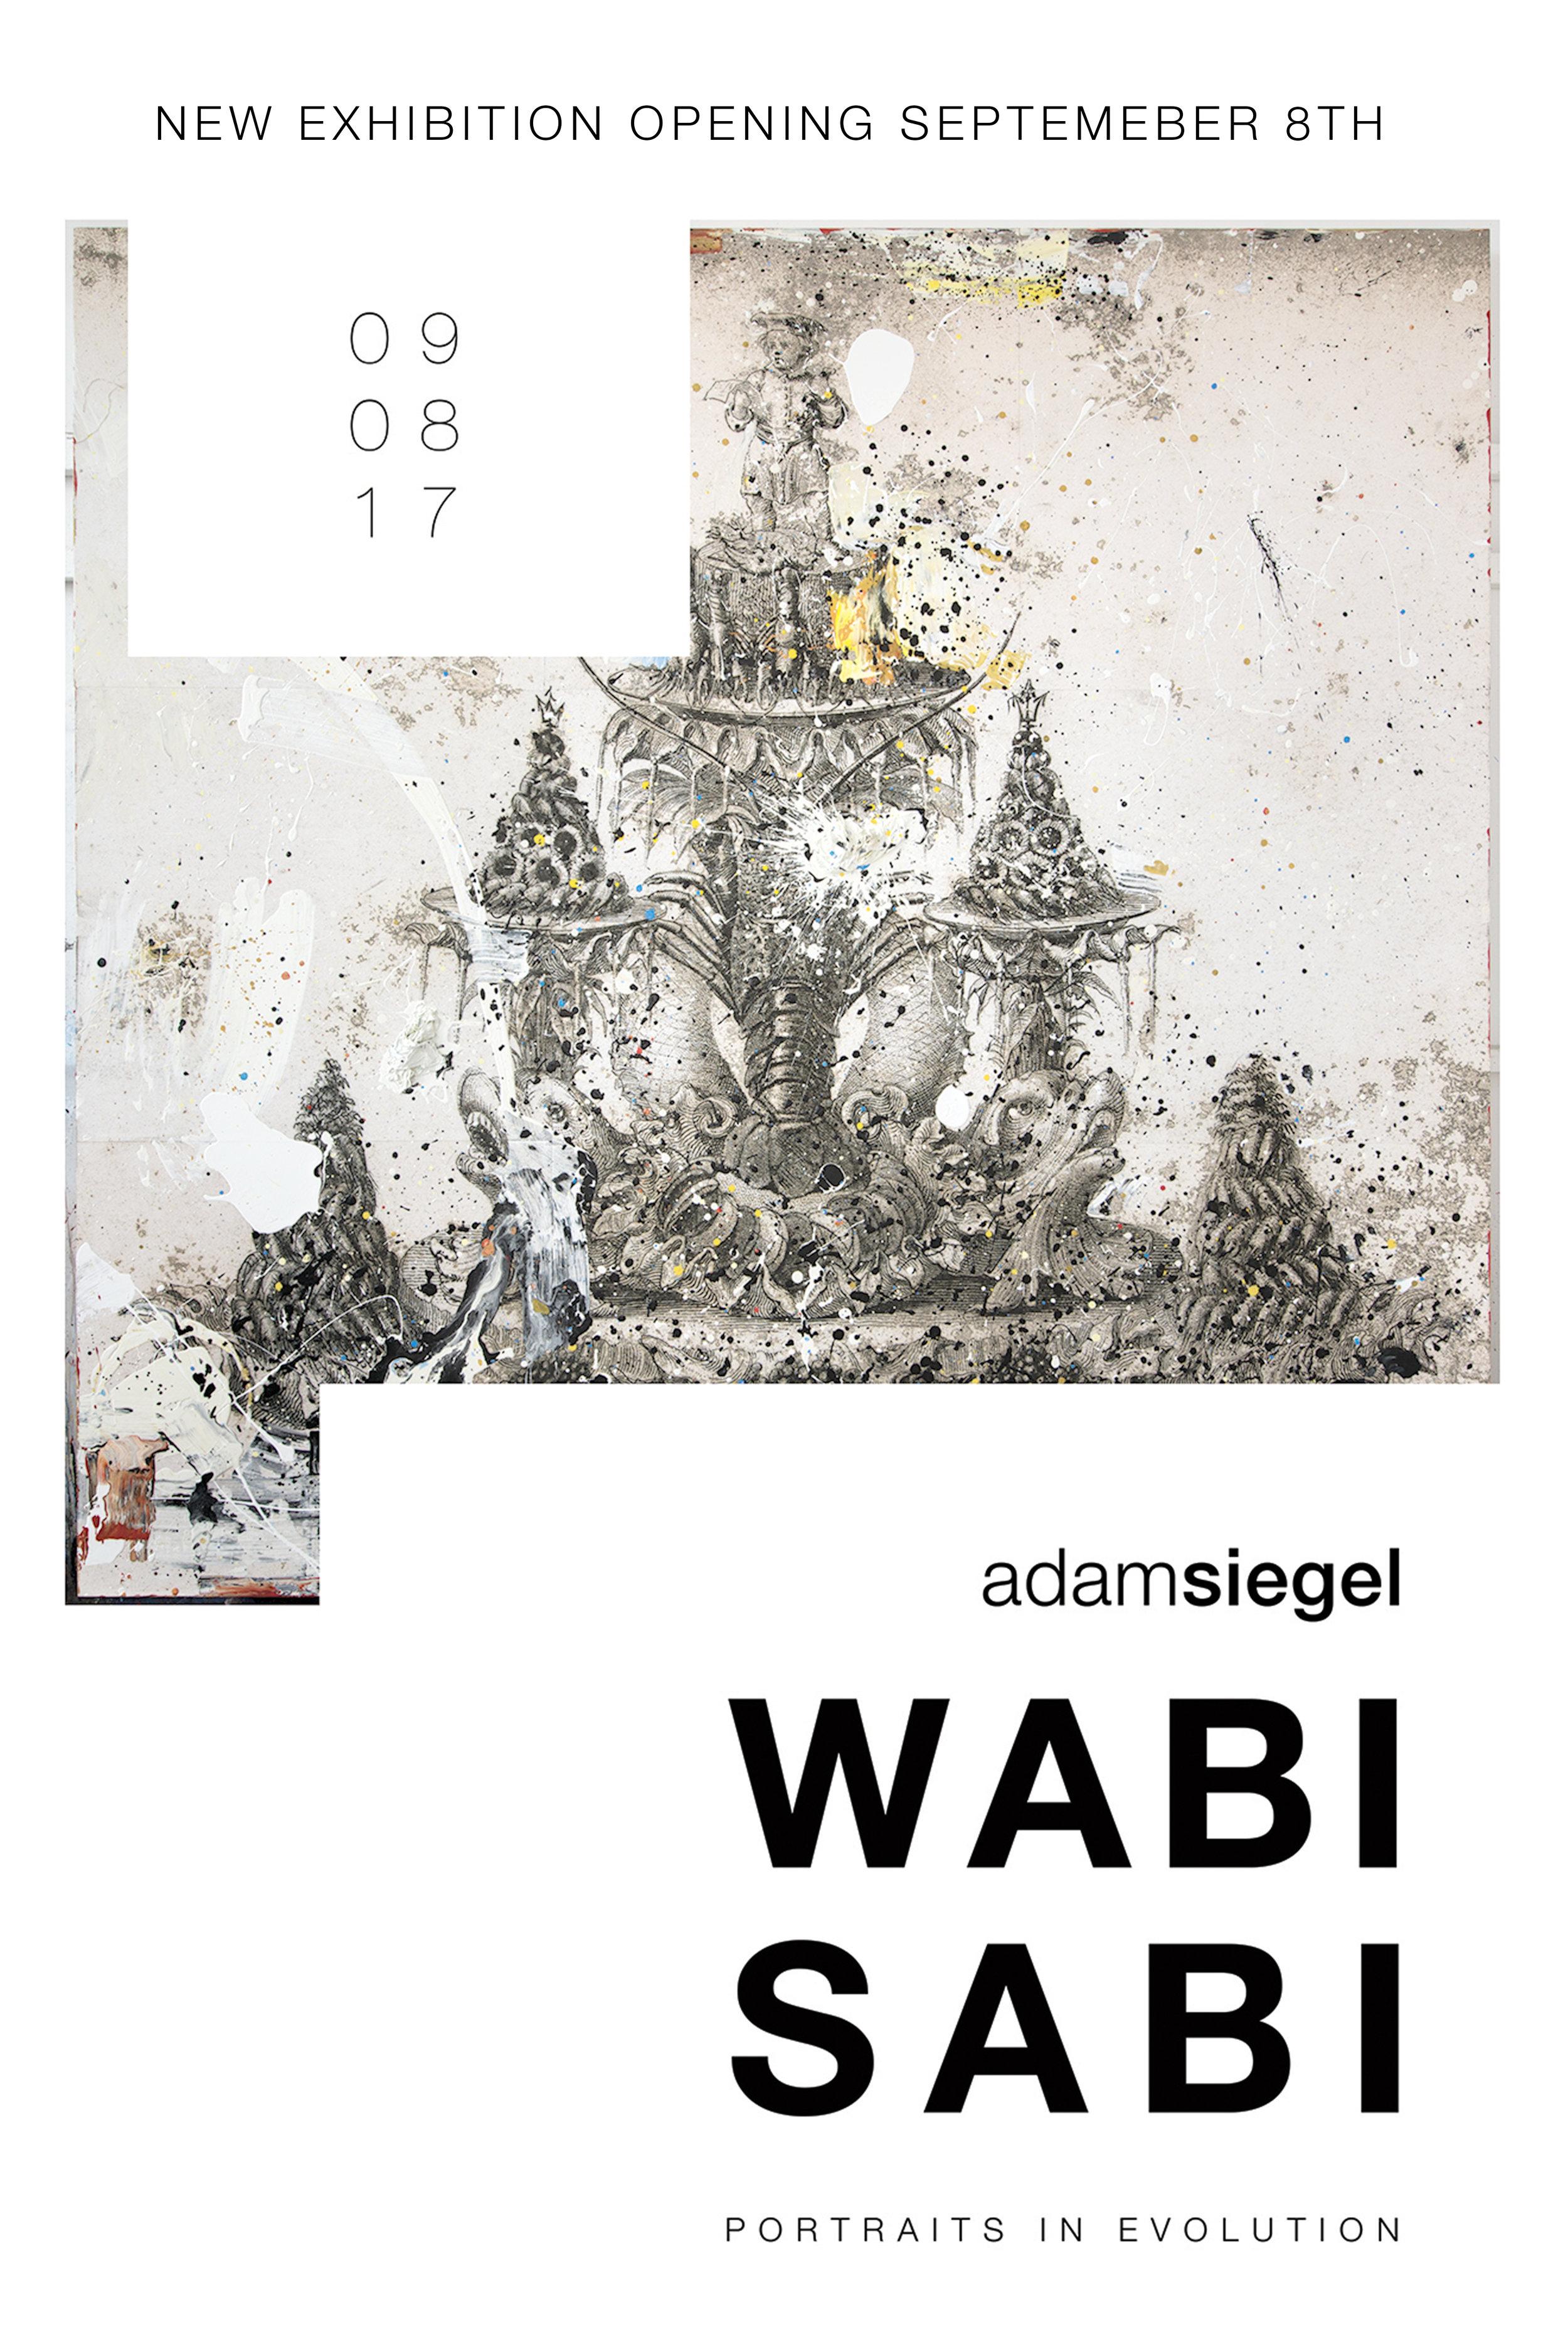 wabisabi_email_cover.jpeg